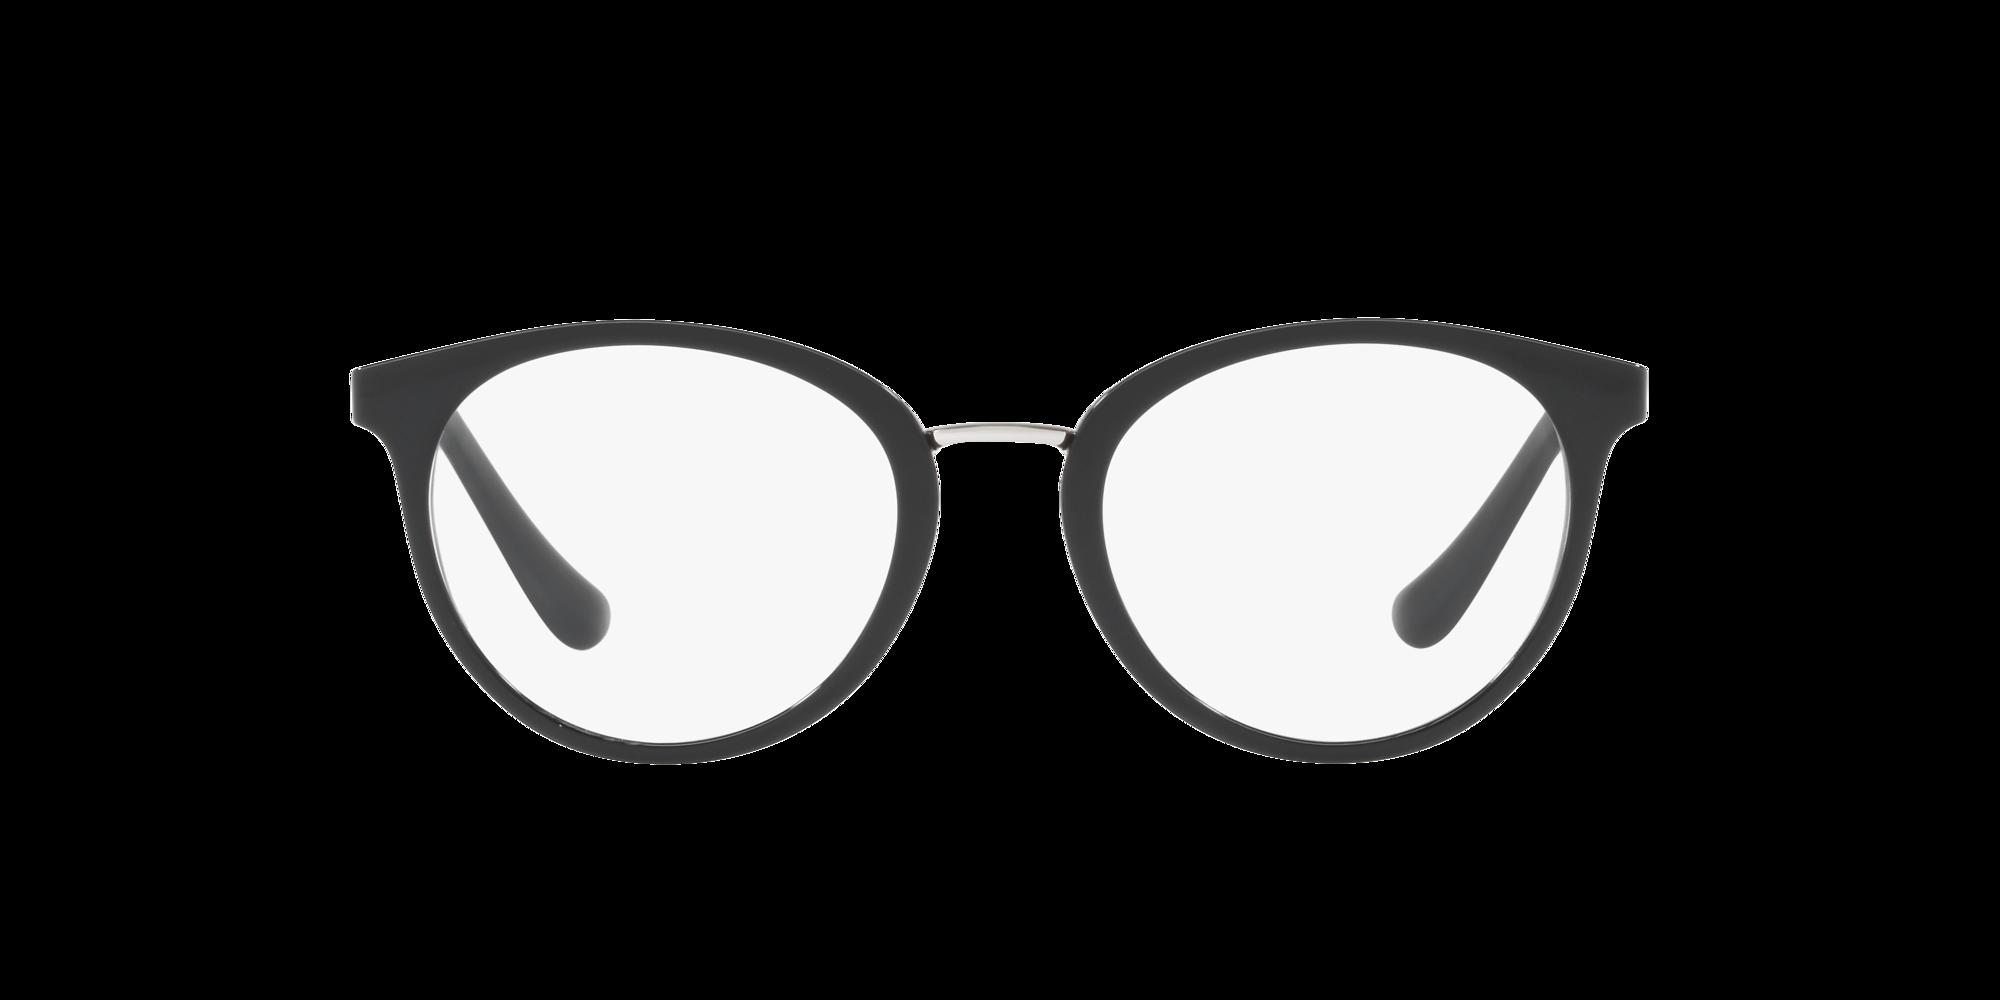 Imagen para VO5167 de LensCrafters    Espejuelos, espejuelos graduados en línea, gafas